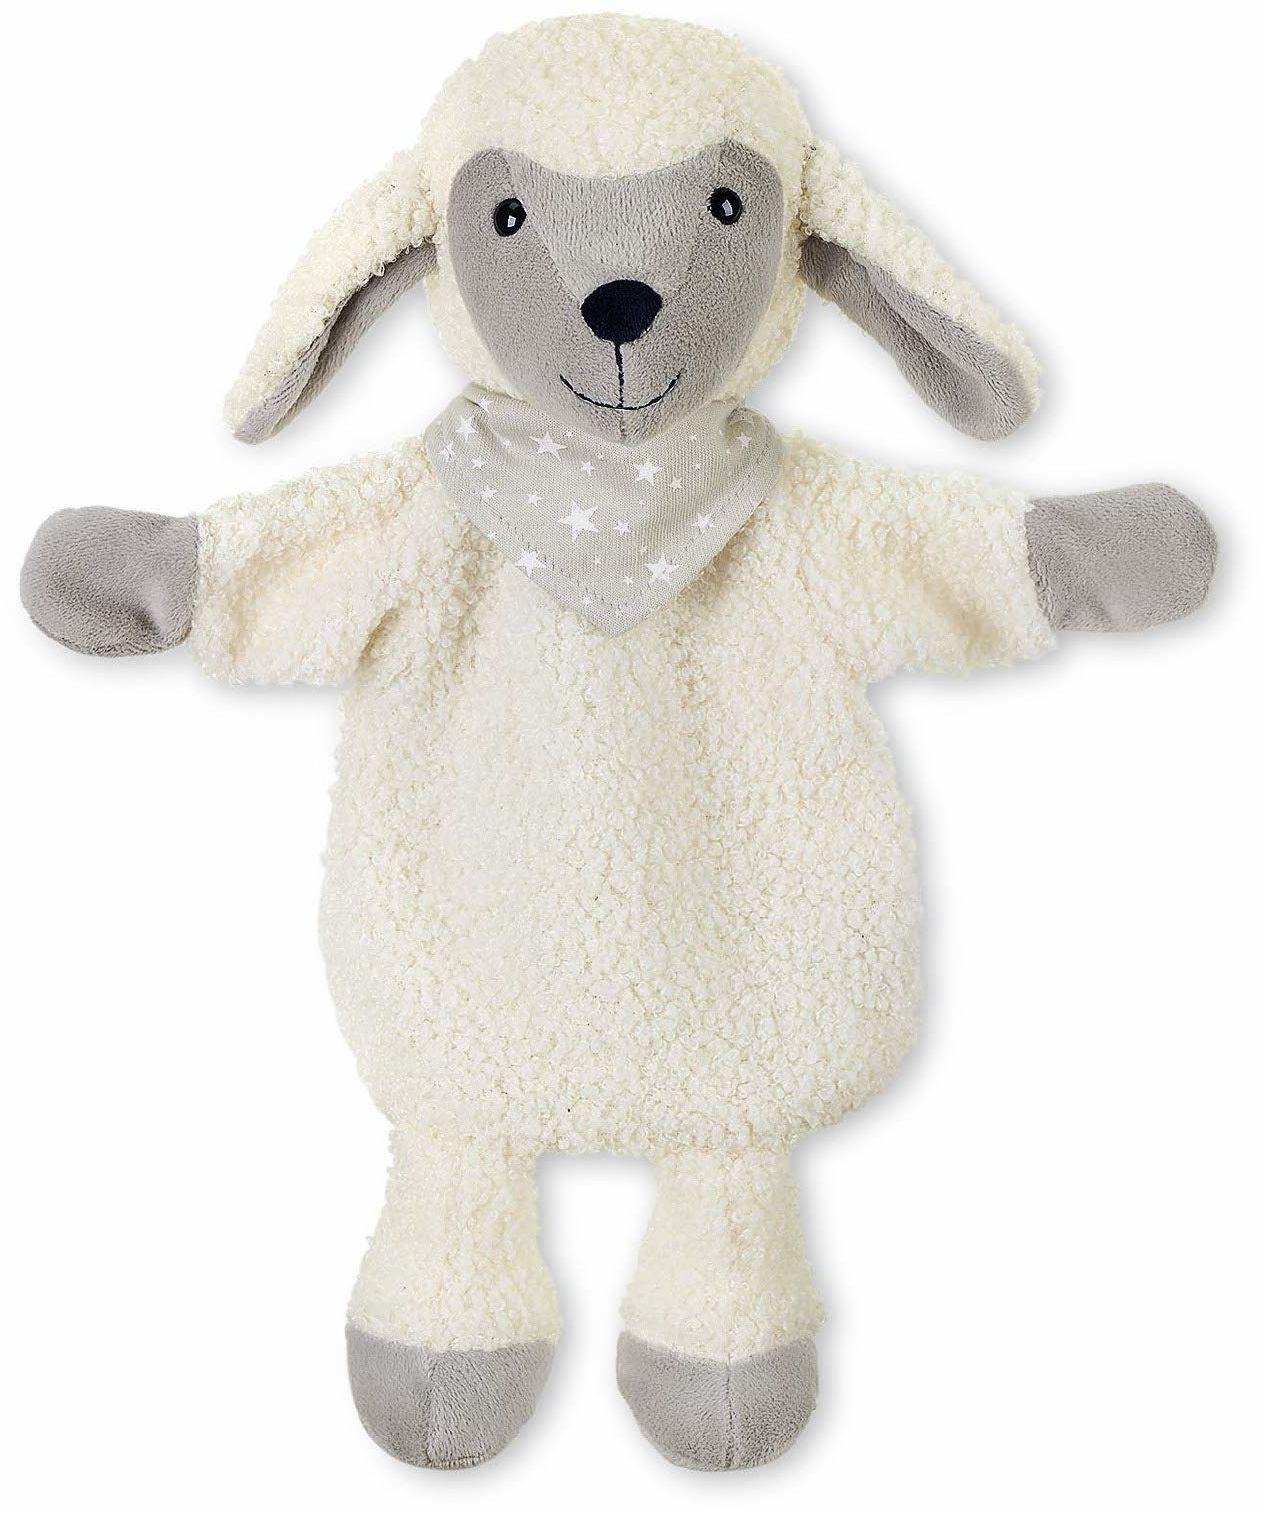 Sterntaler 3601968 Manekin Owca Stanley, idealny do teatru dla lalek i gier ról, 30 cm, beżowy